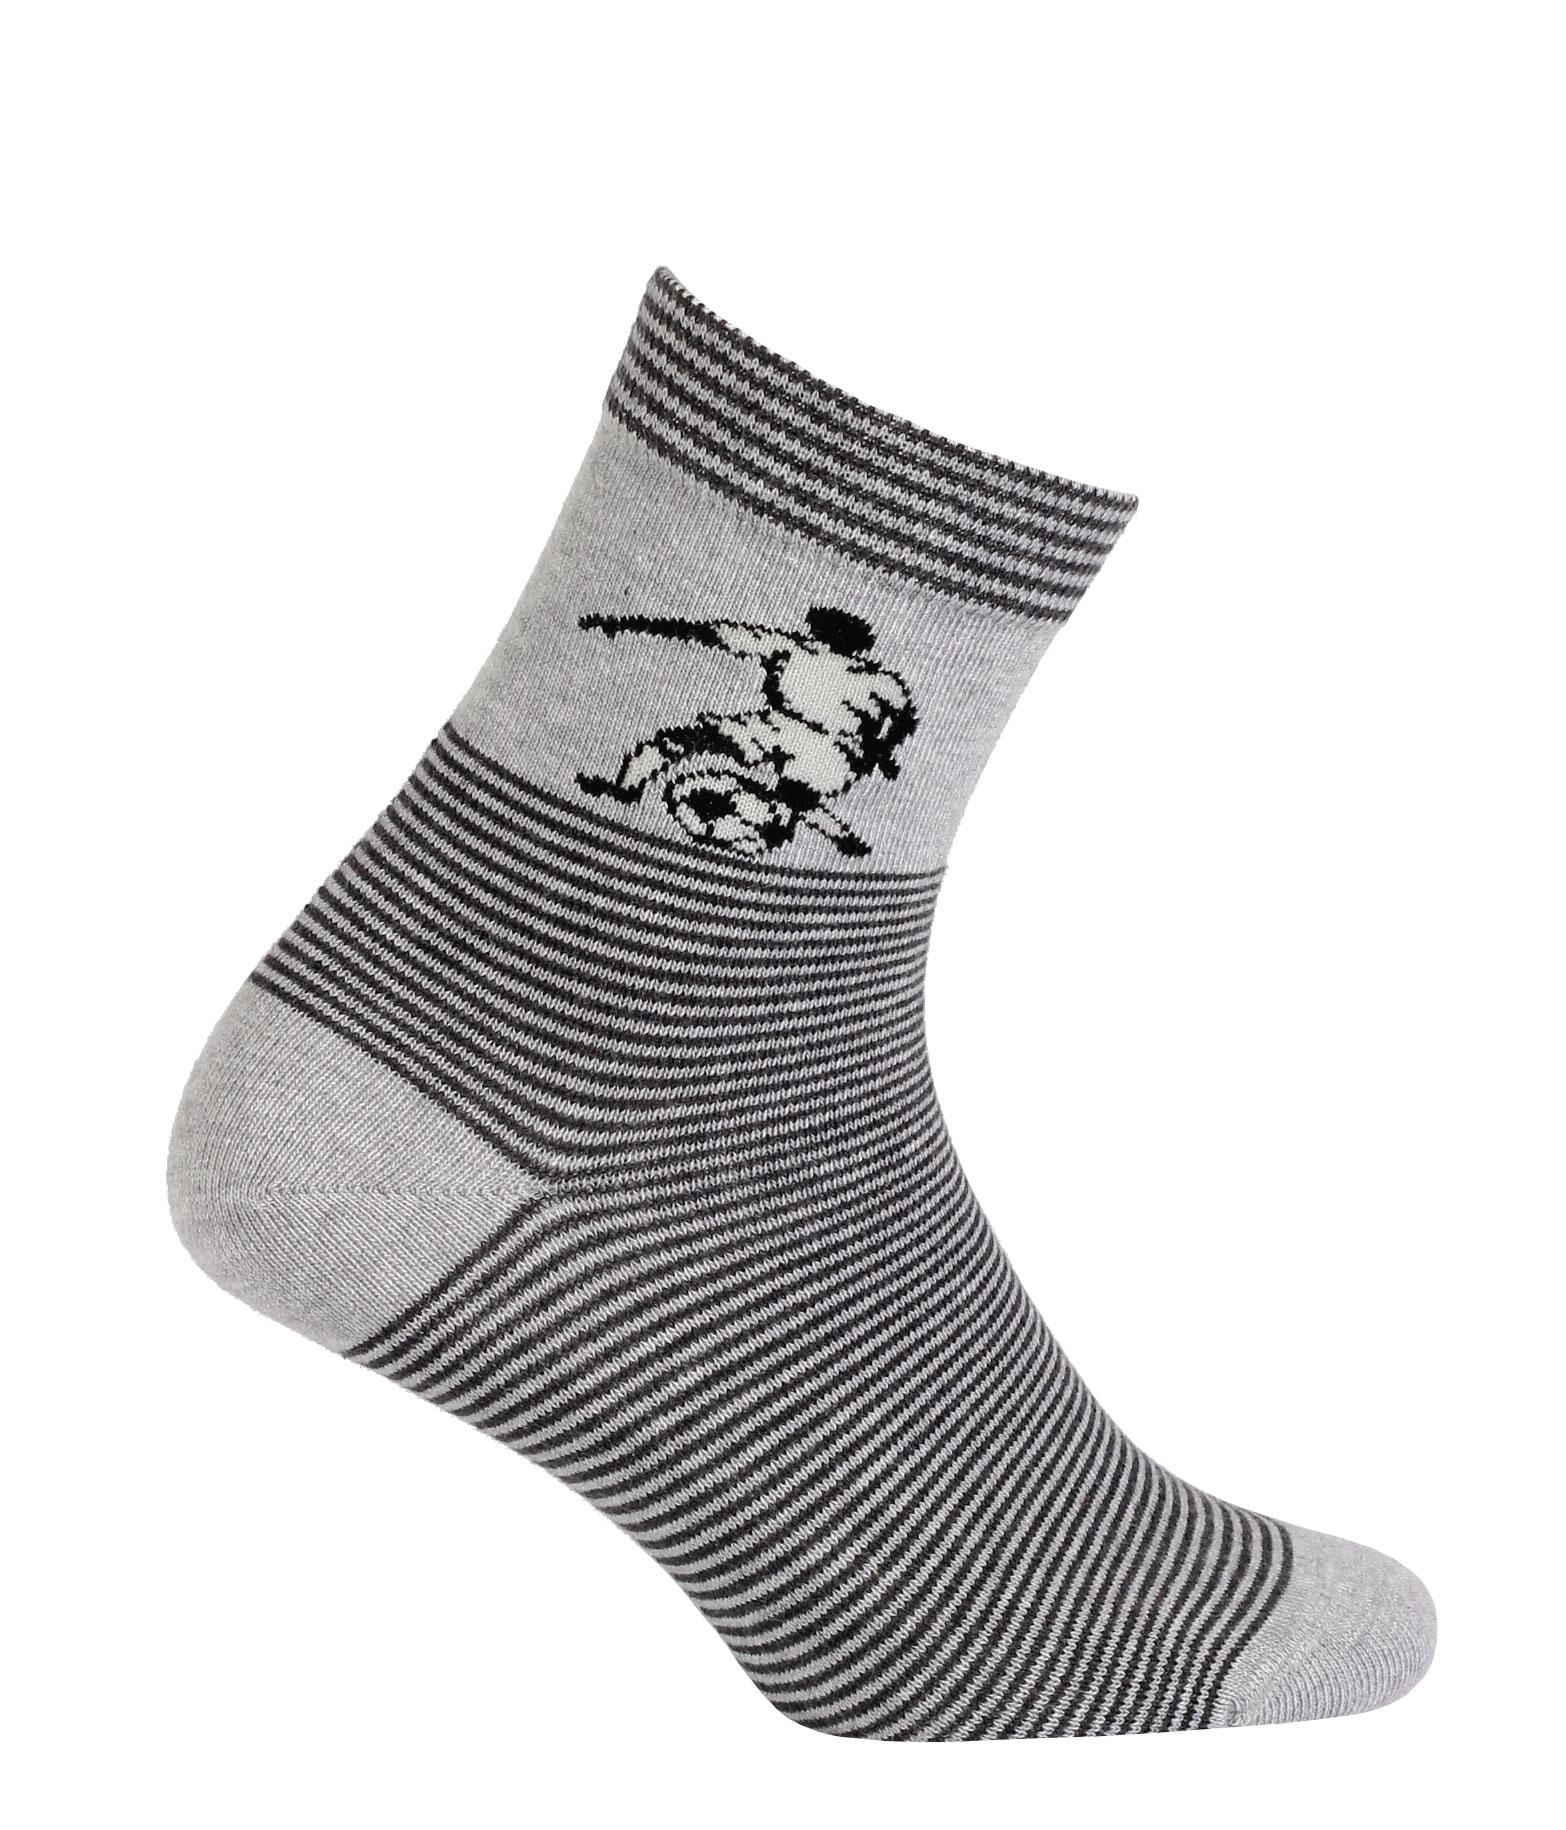 9d0b2427b74 Chlapecké vzorované ponožky GATTA FOTBALISTA šedé Velikost  36-38